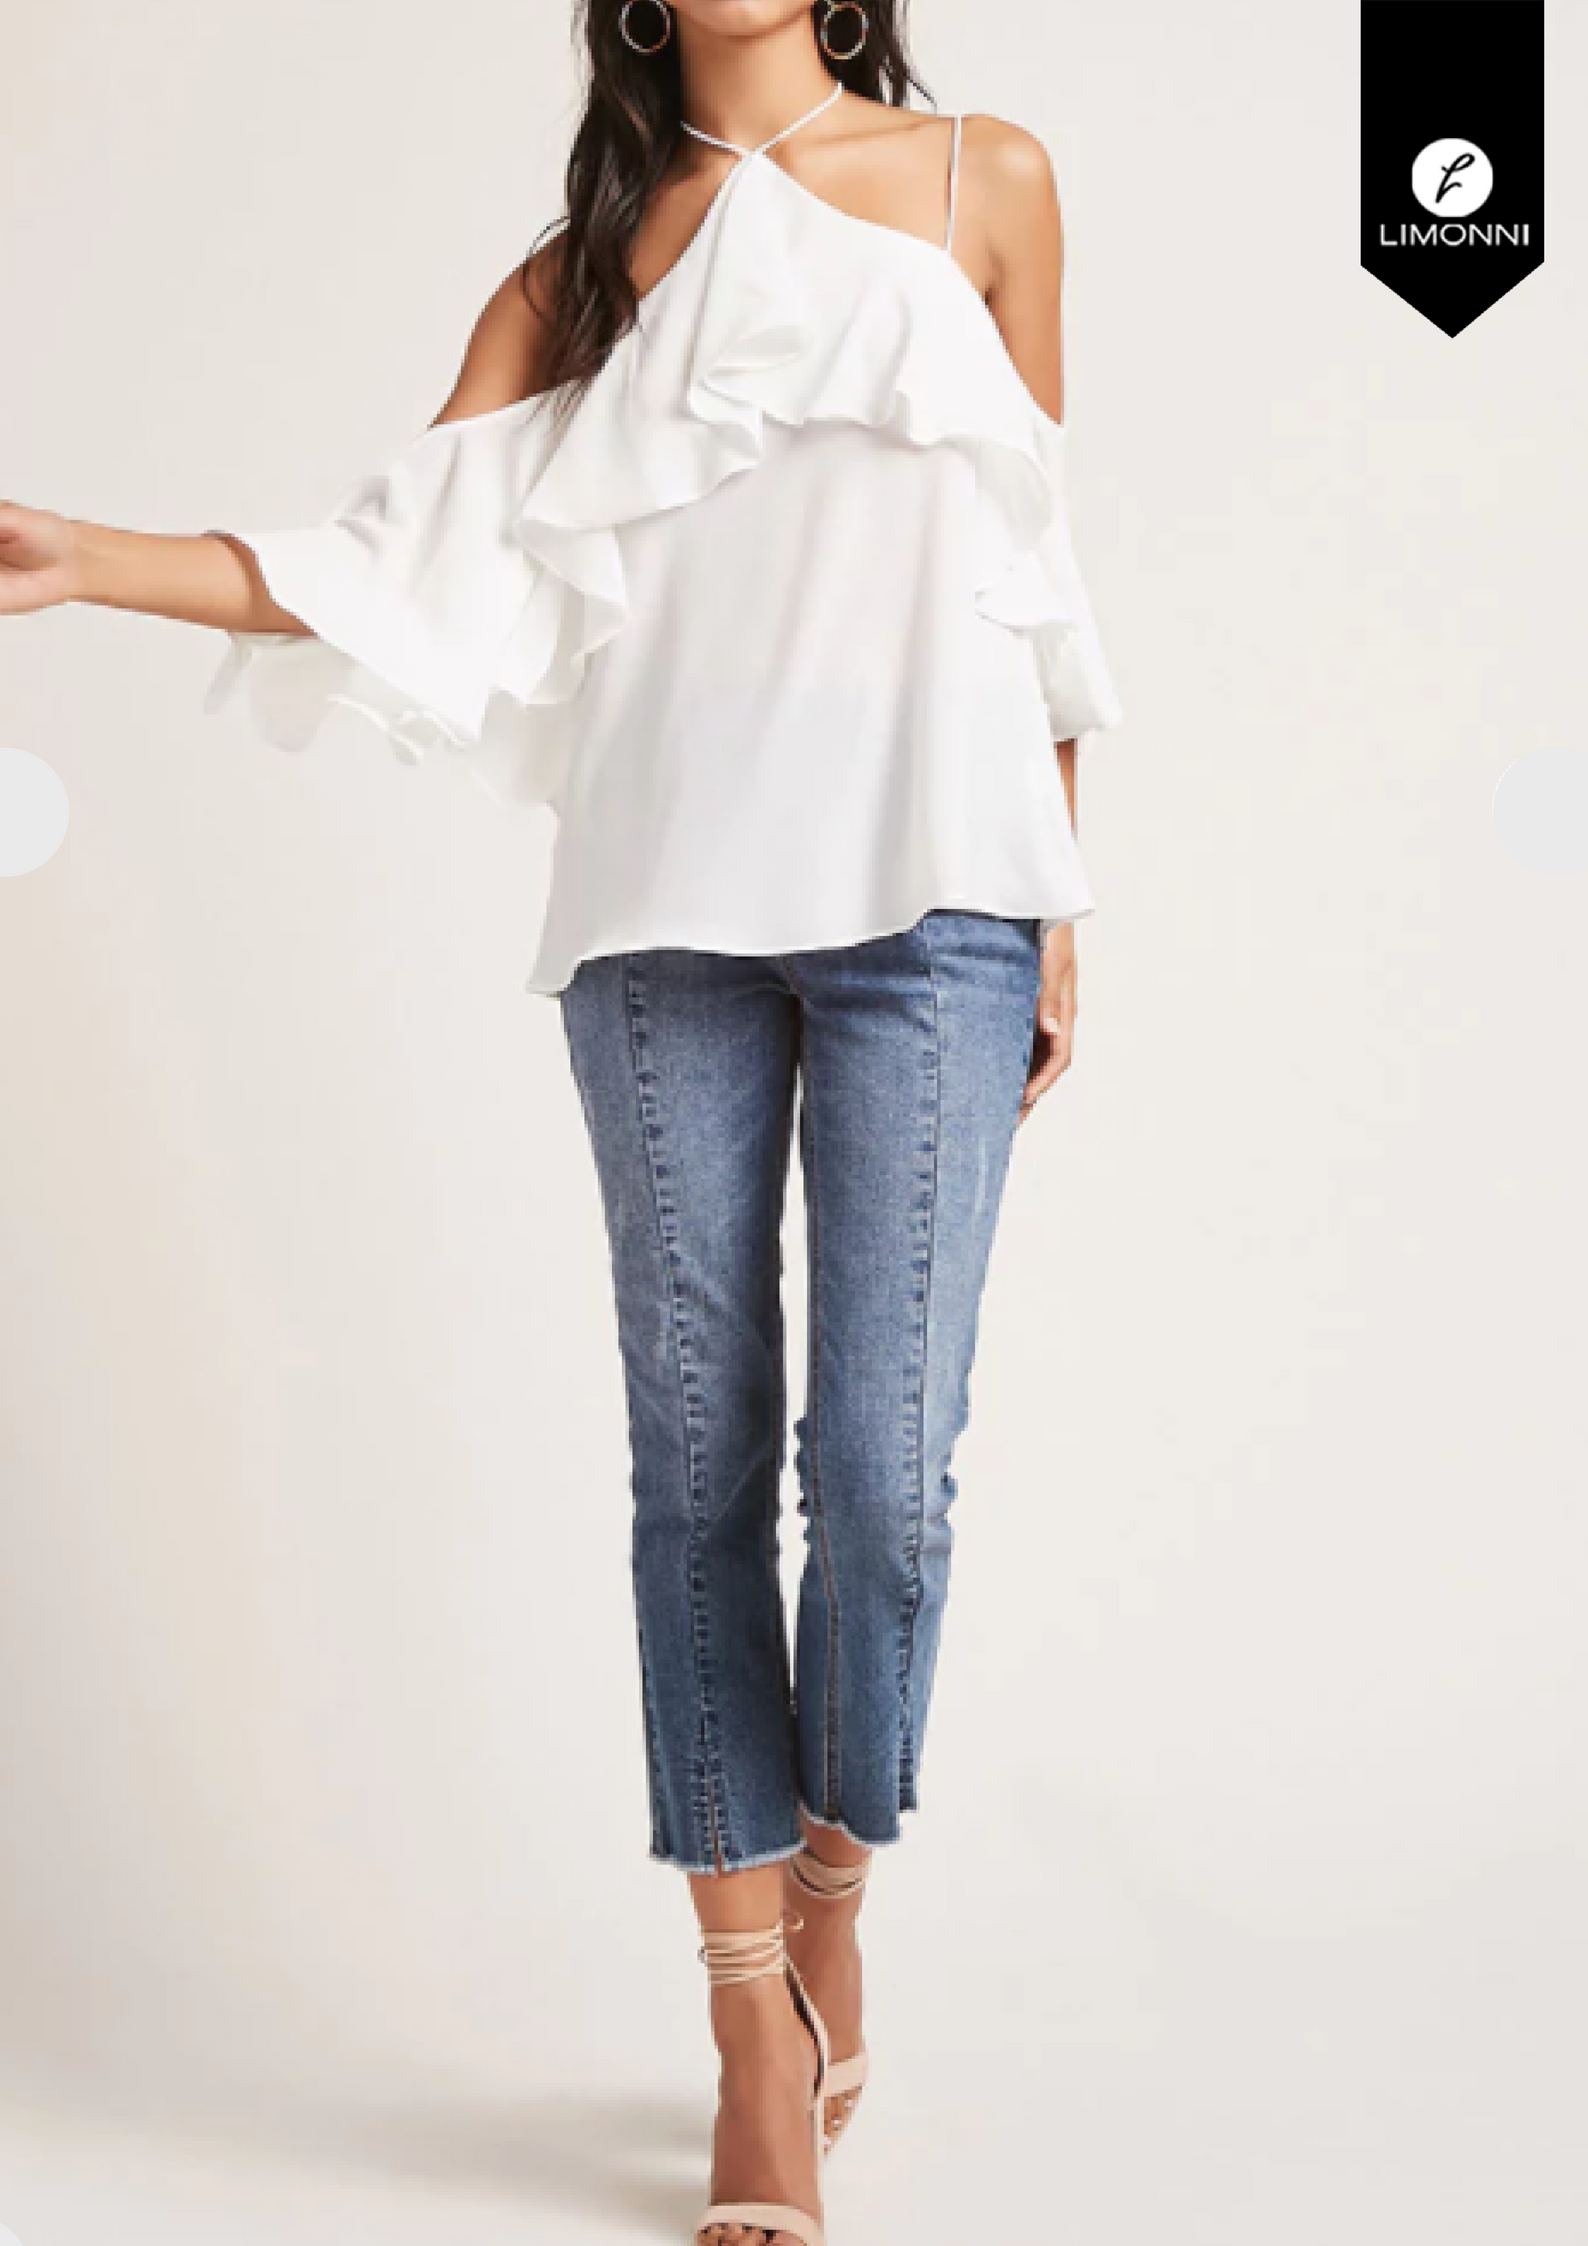 Blusas para mujer Limonni Novalee LI1546 Casuales